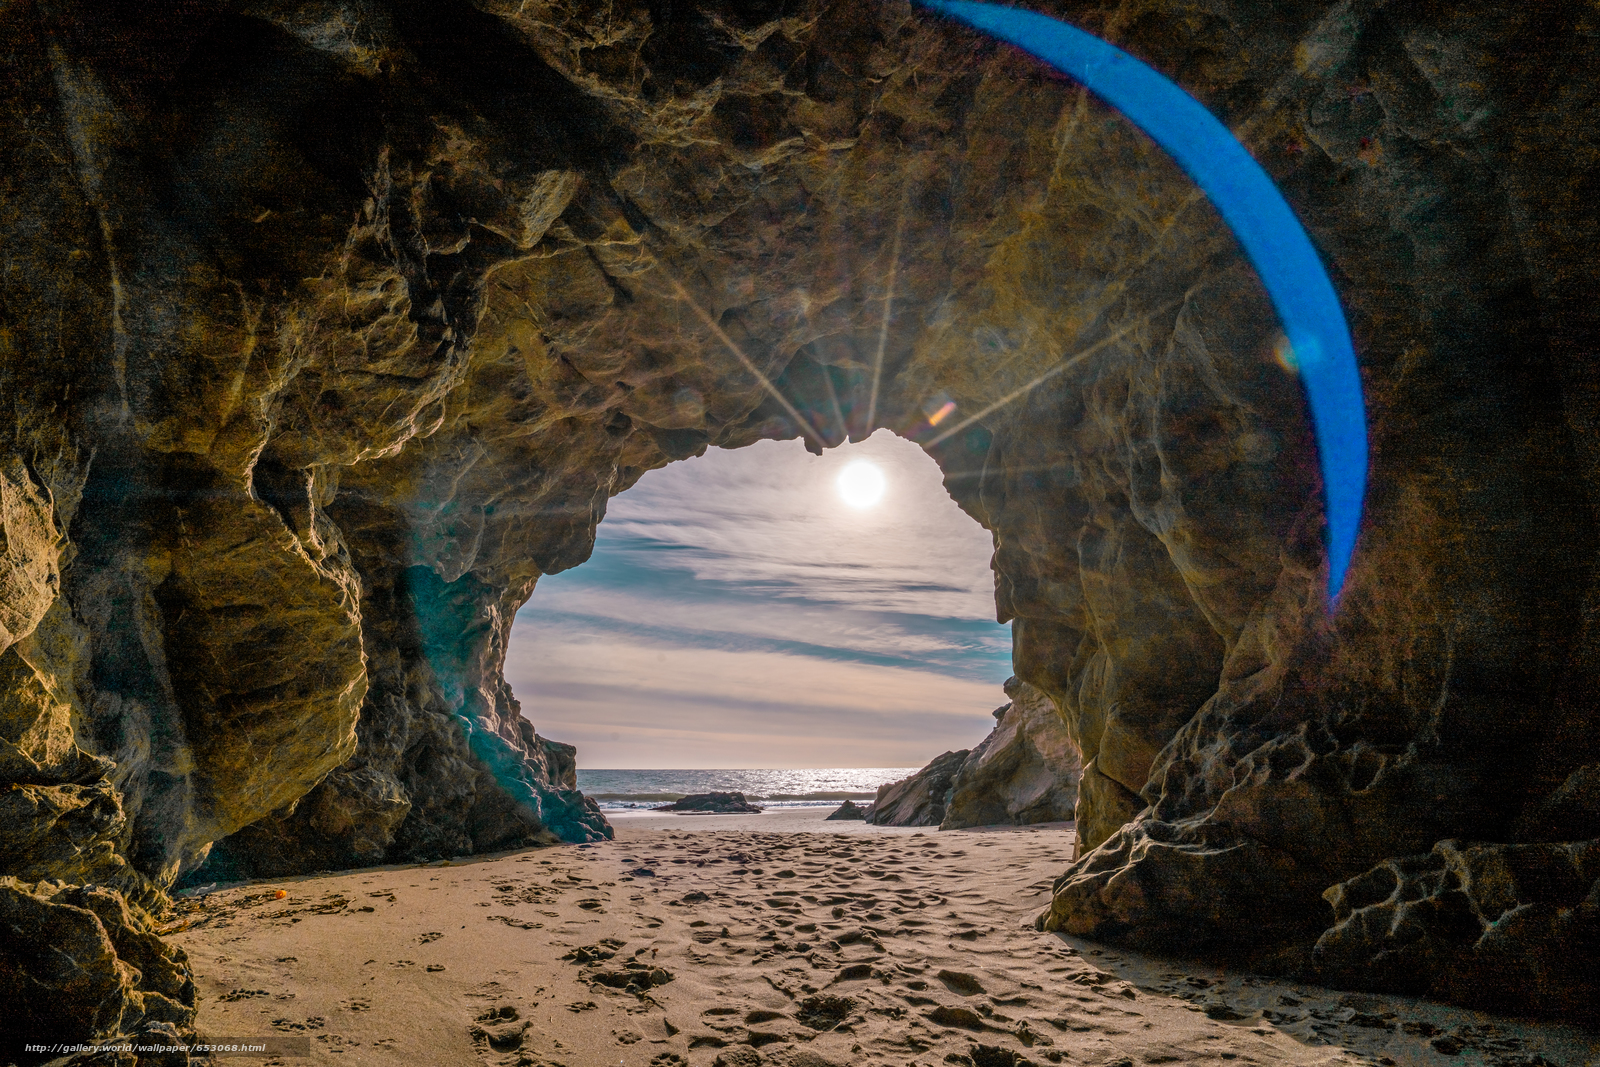 Скачать обои Malibu,  закат,  море,  волны бесплатно для рабочего стола в разрешении 7835x5226 — картинка №653068